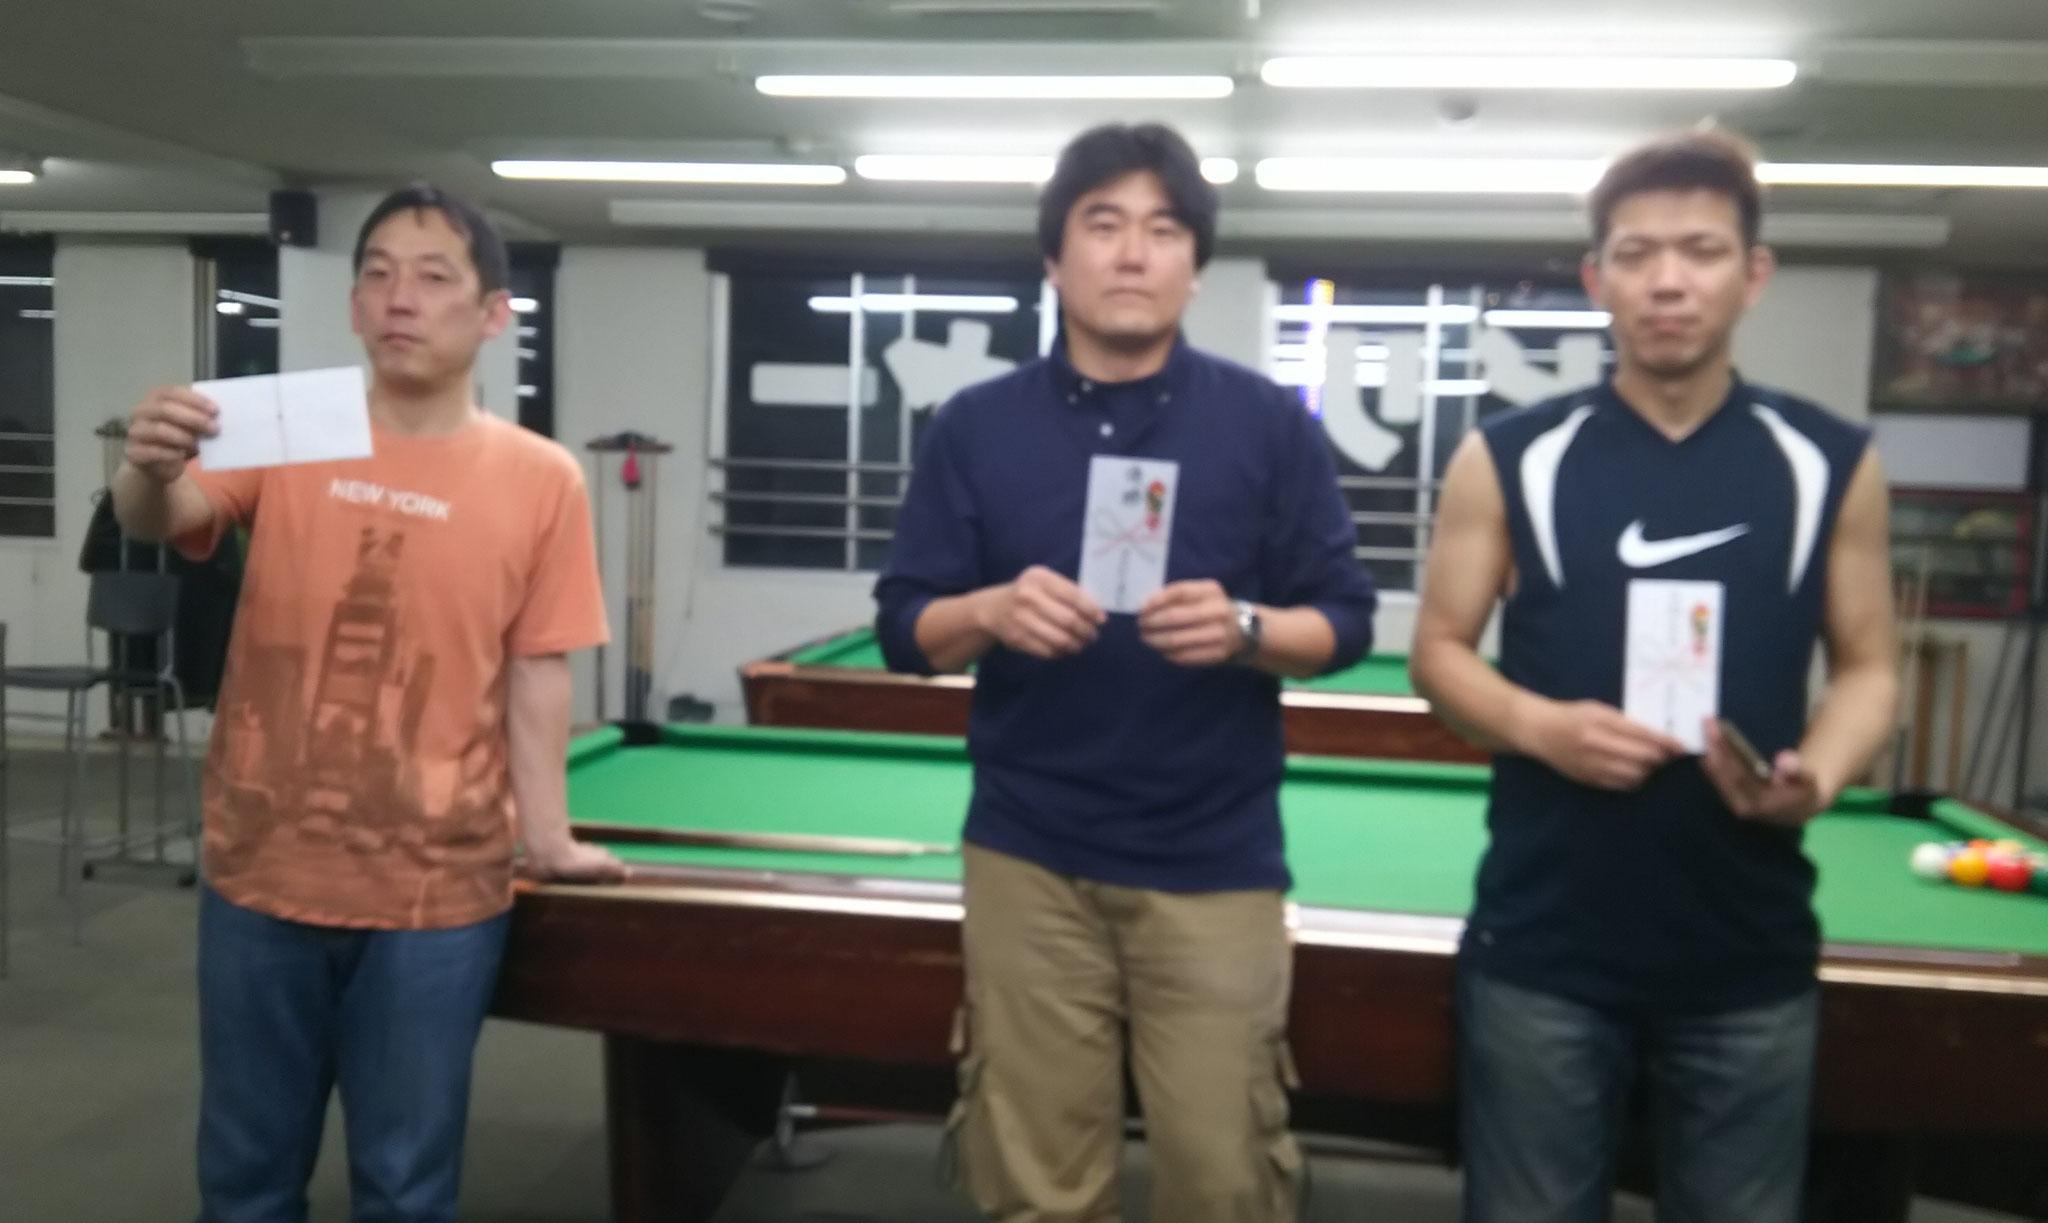 鈴木さん(準優勝) 赤尾さん(優勝) 岸本さん(3位タイ)